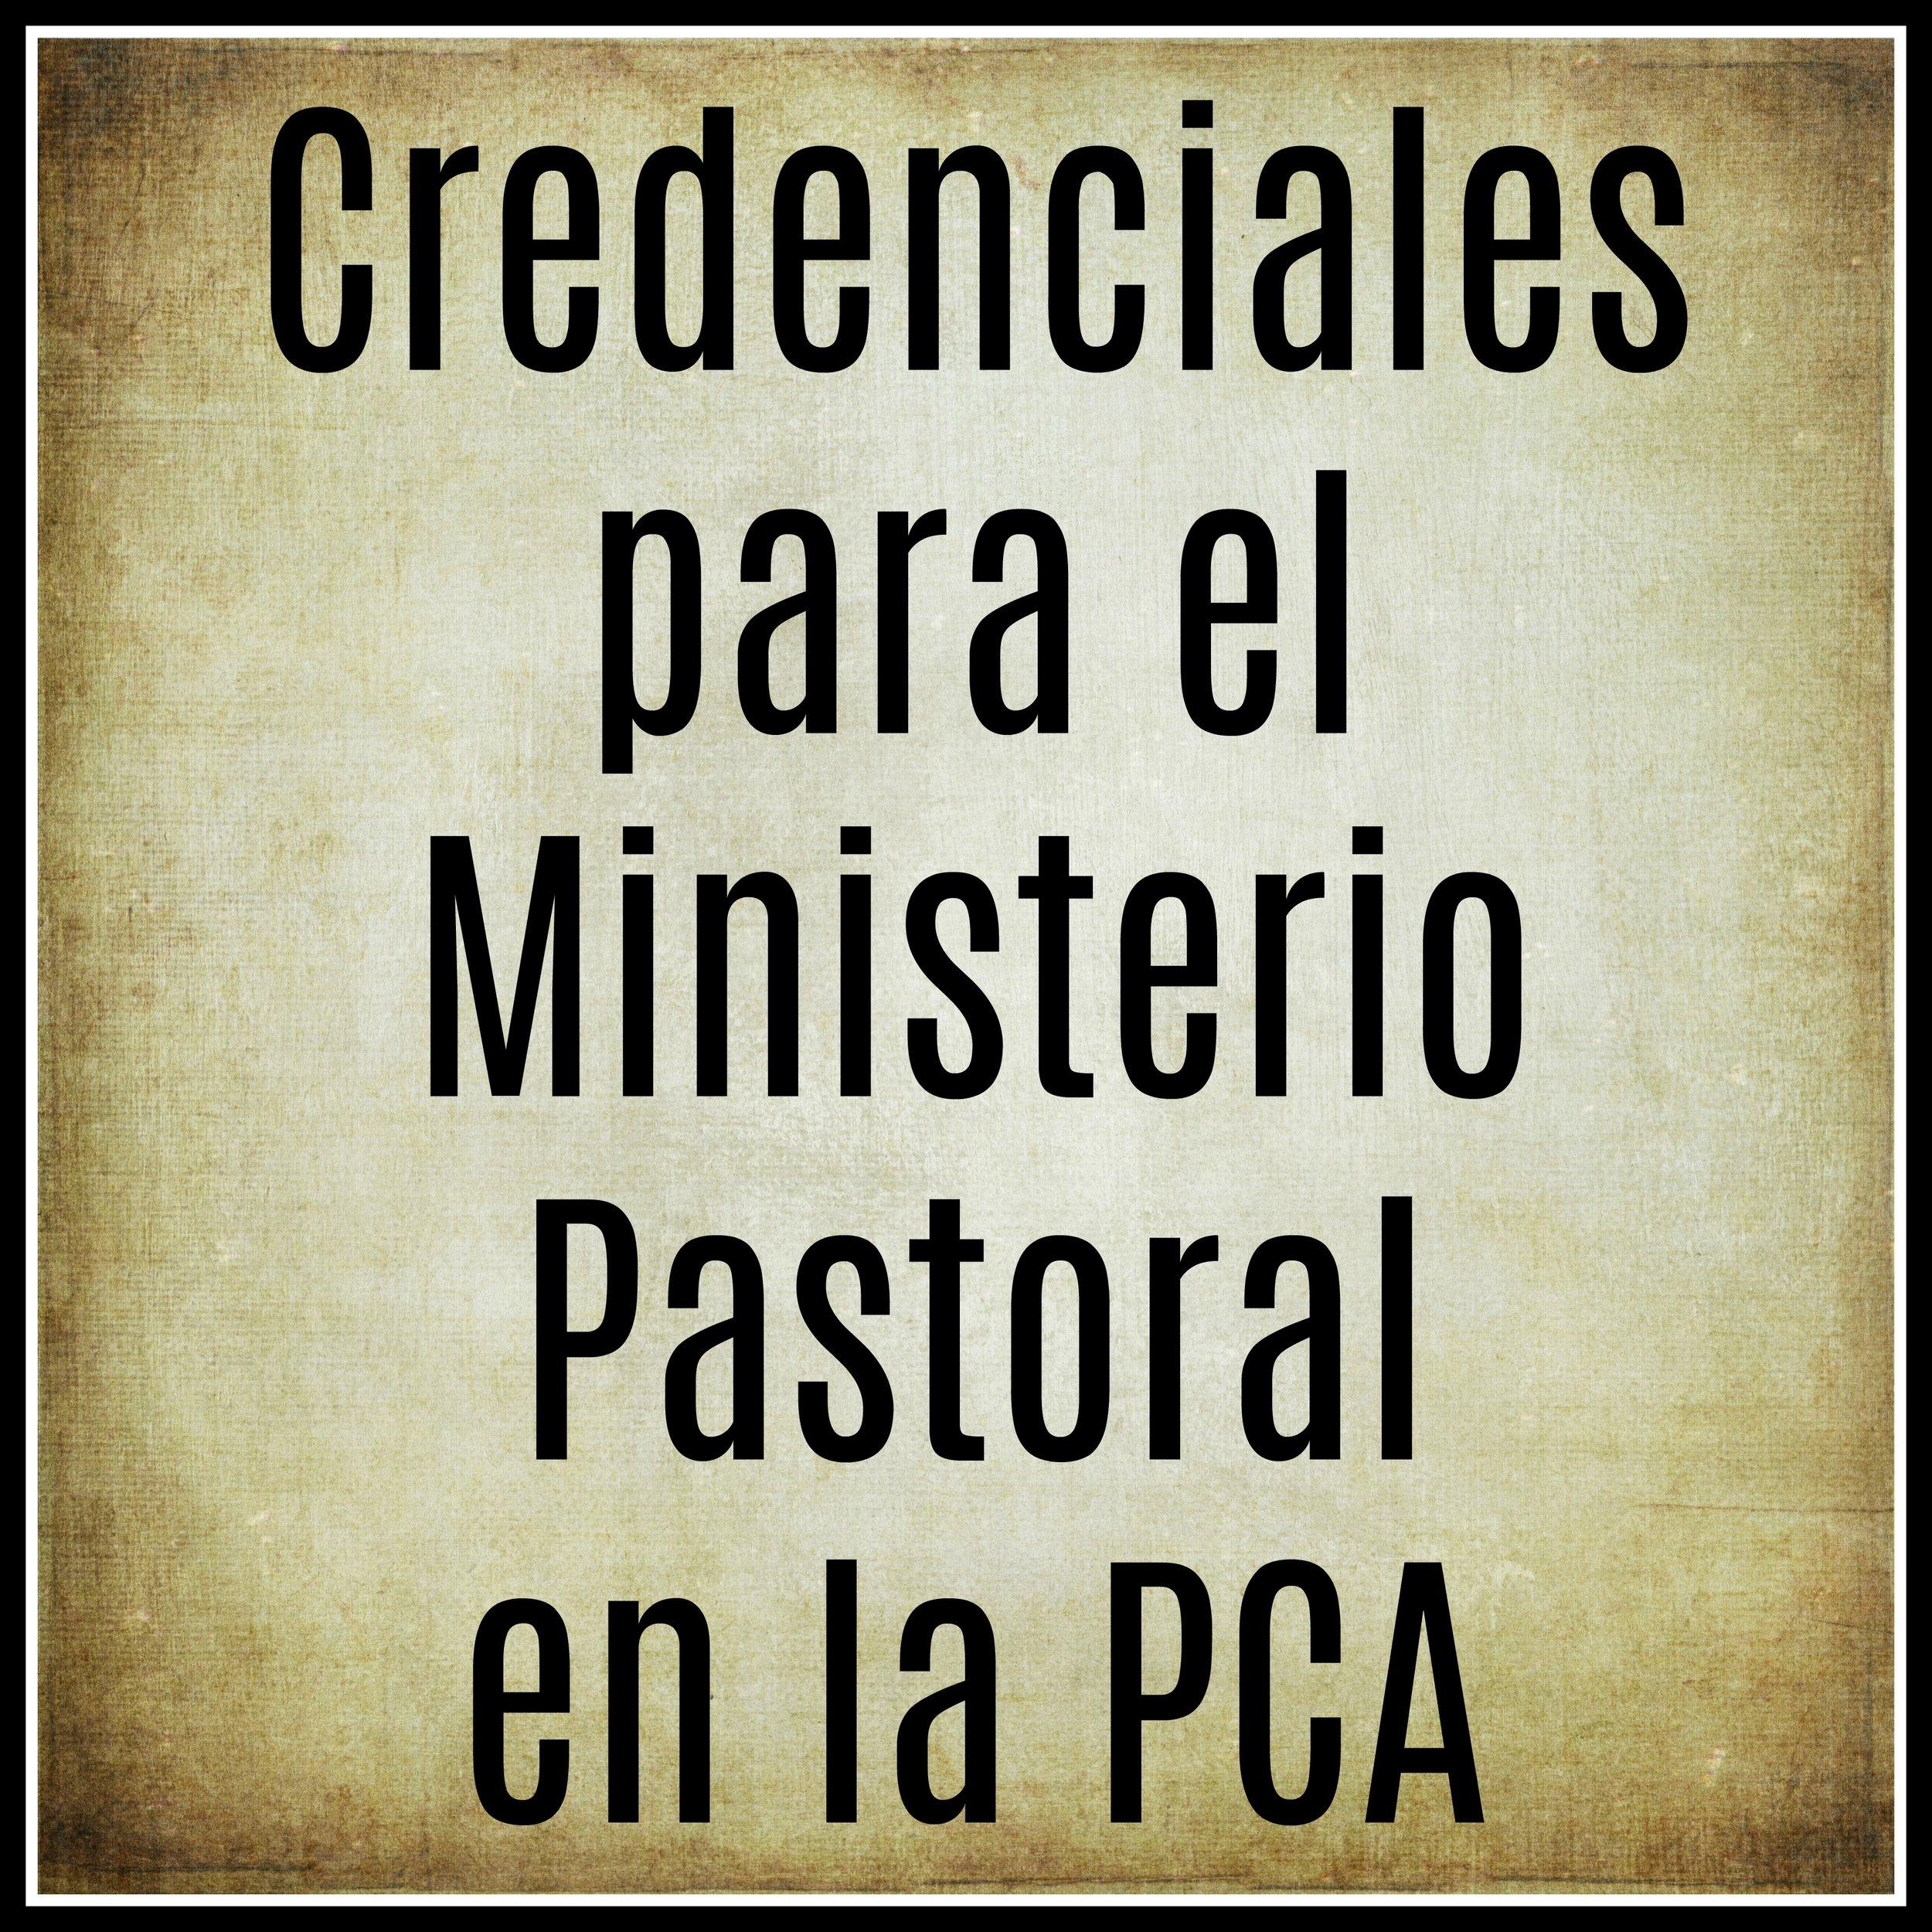 Credenciales para el ministerio pastoral en la PCA.jpg